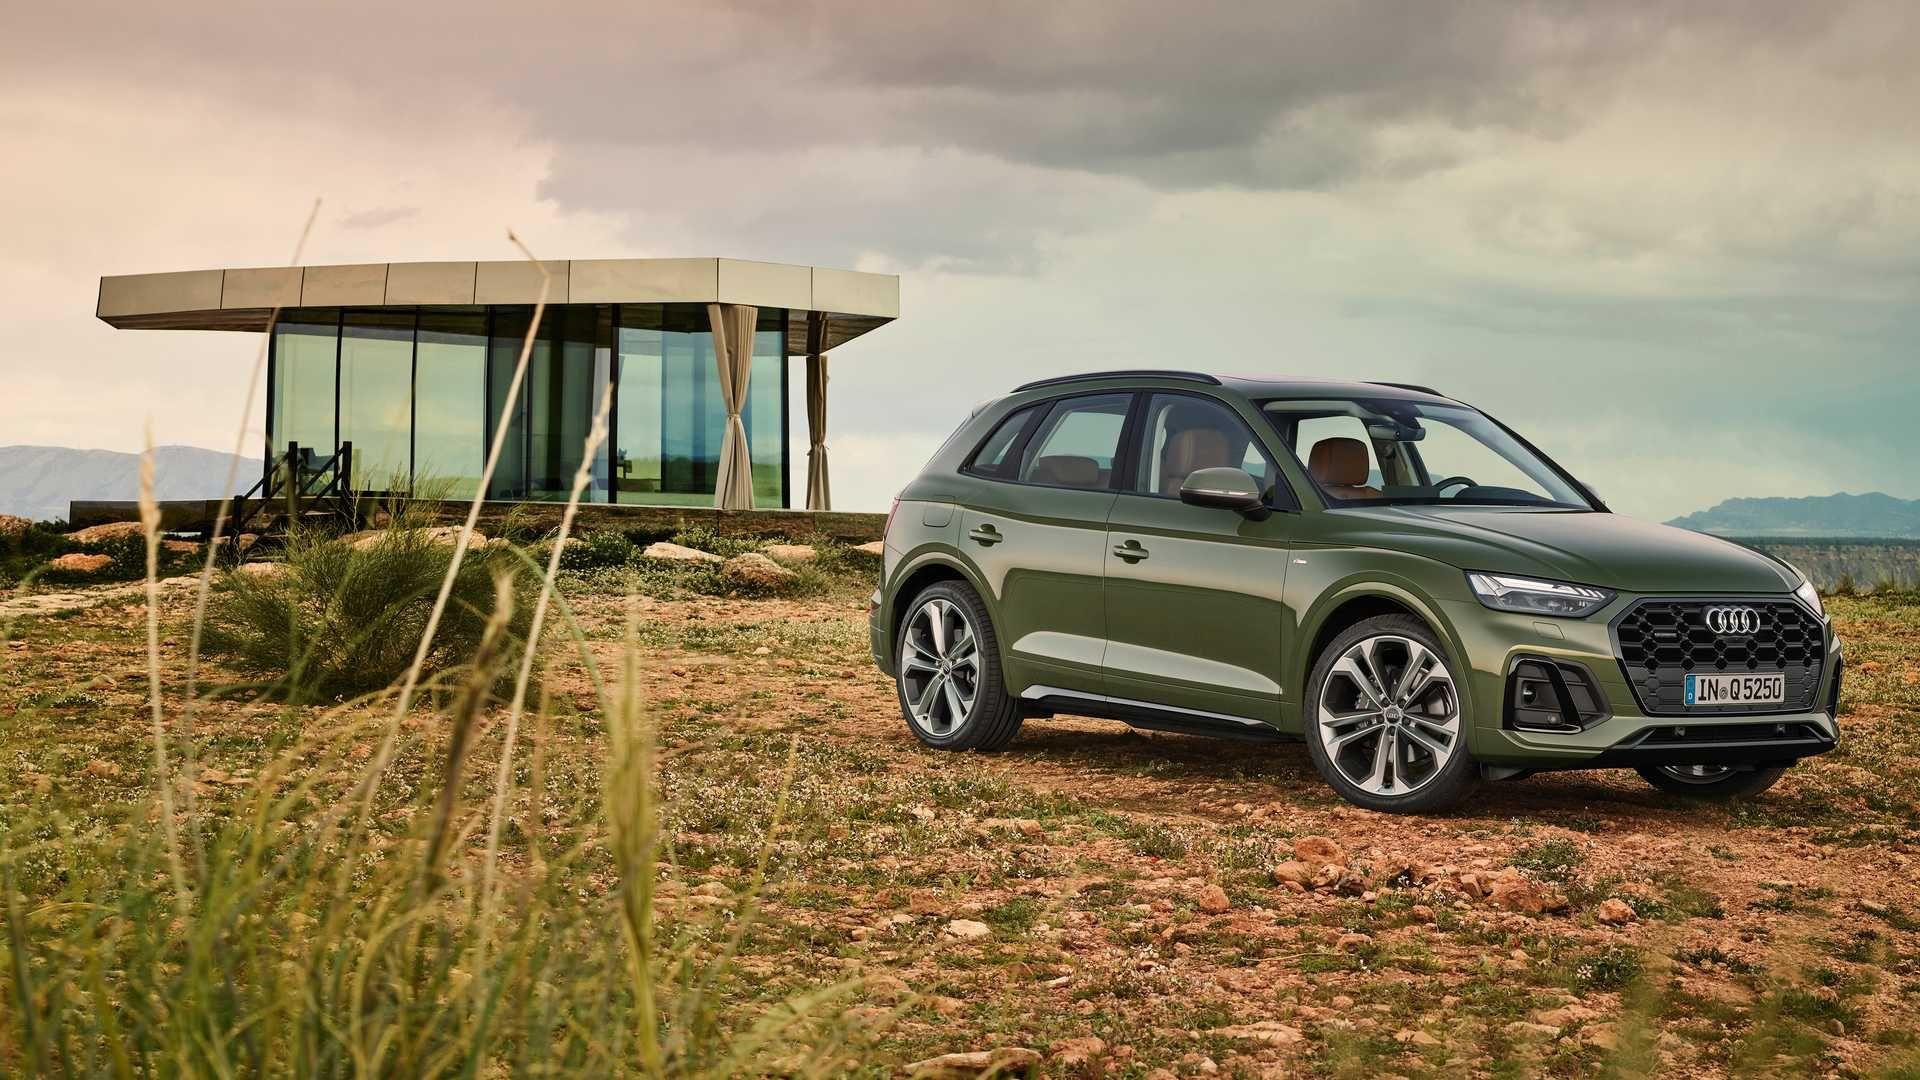 2021 Audi Q5 Facelift Audi Q5 Audi Audi Q5 Price